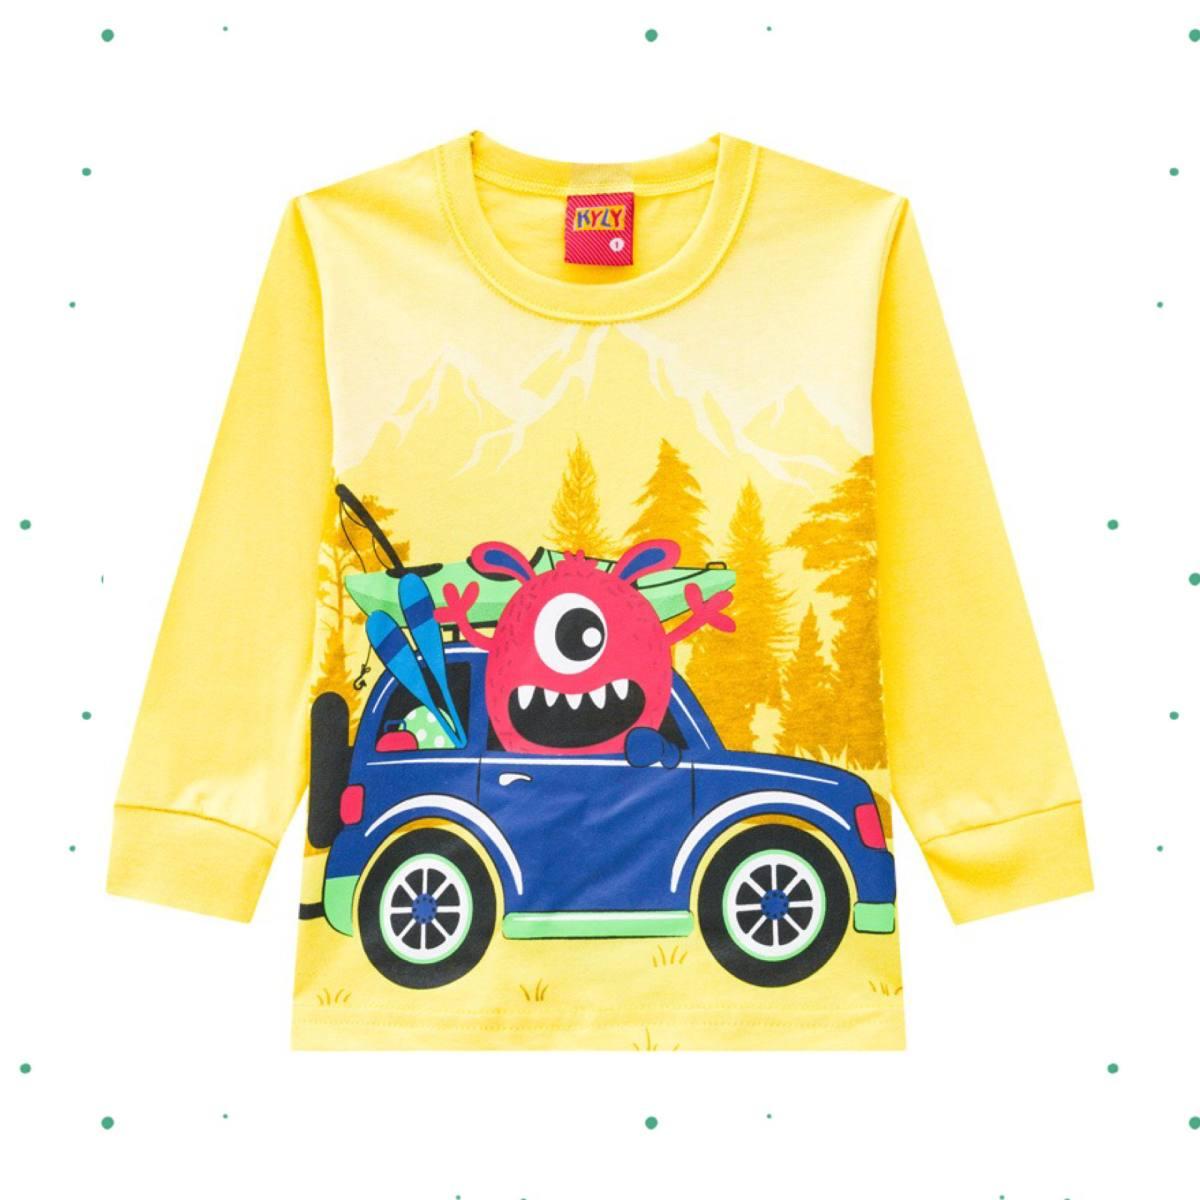 Camiseta Menino Kyly em Algodão Estampada cor Amarela